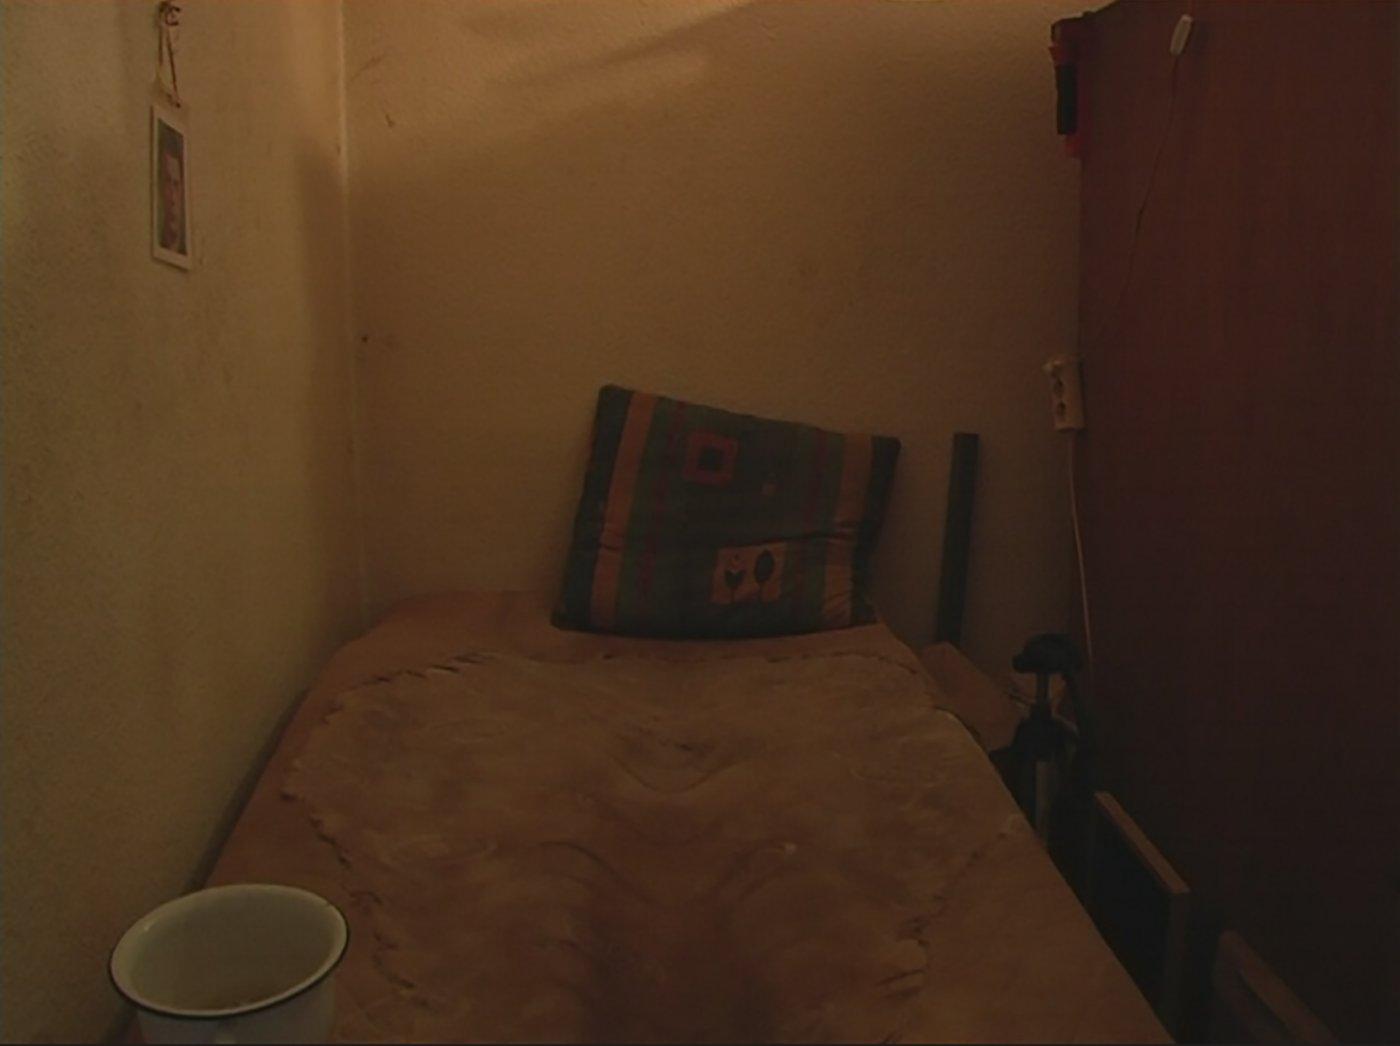 resident-ground-floor-2020-wohnhaft-erdgeschoss-soldat-recensione